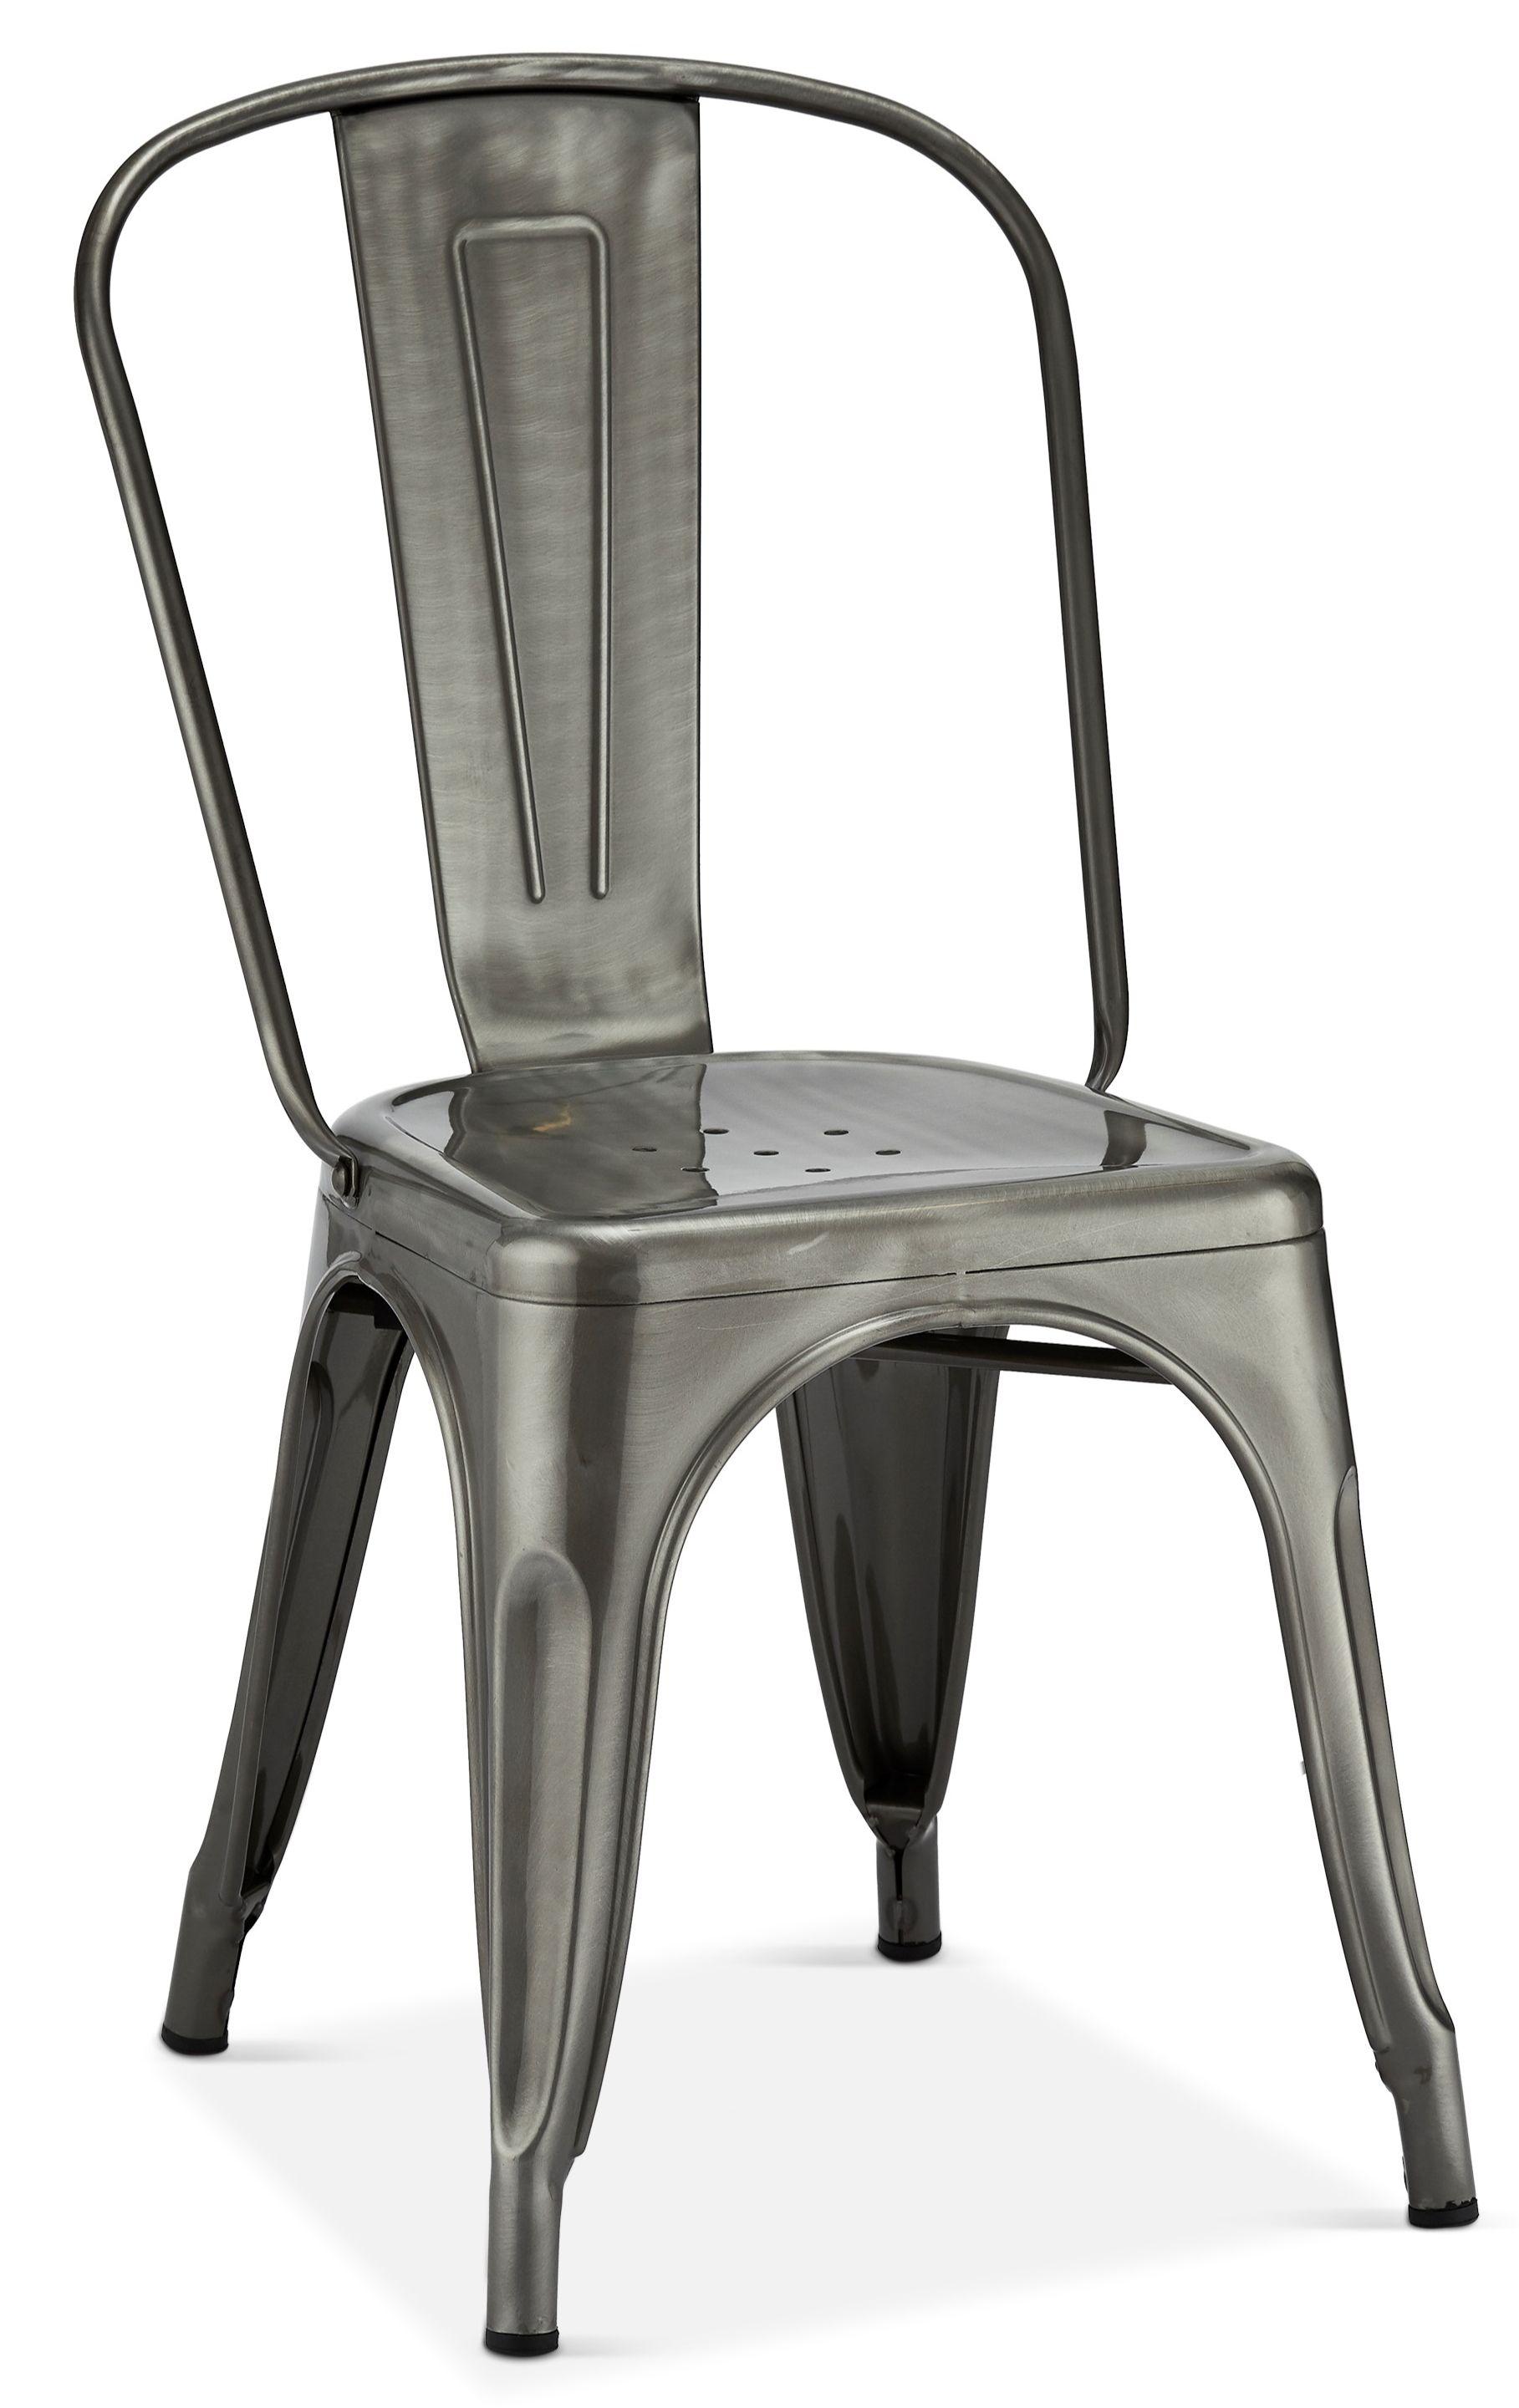 Furnhouse 4er Set Grau Stahl Stapelstuhl Industrial Kuchenstuhle Stapelbar Metall Stuhl Valerie Esszimmerstuhl Kuchenstuhle Bistro Stuhle